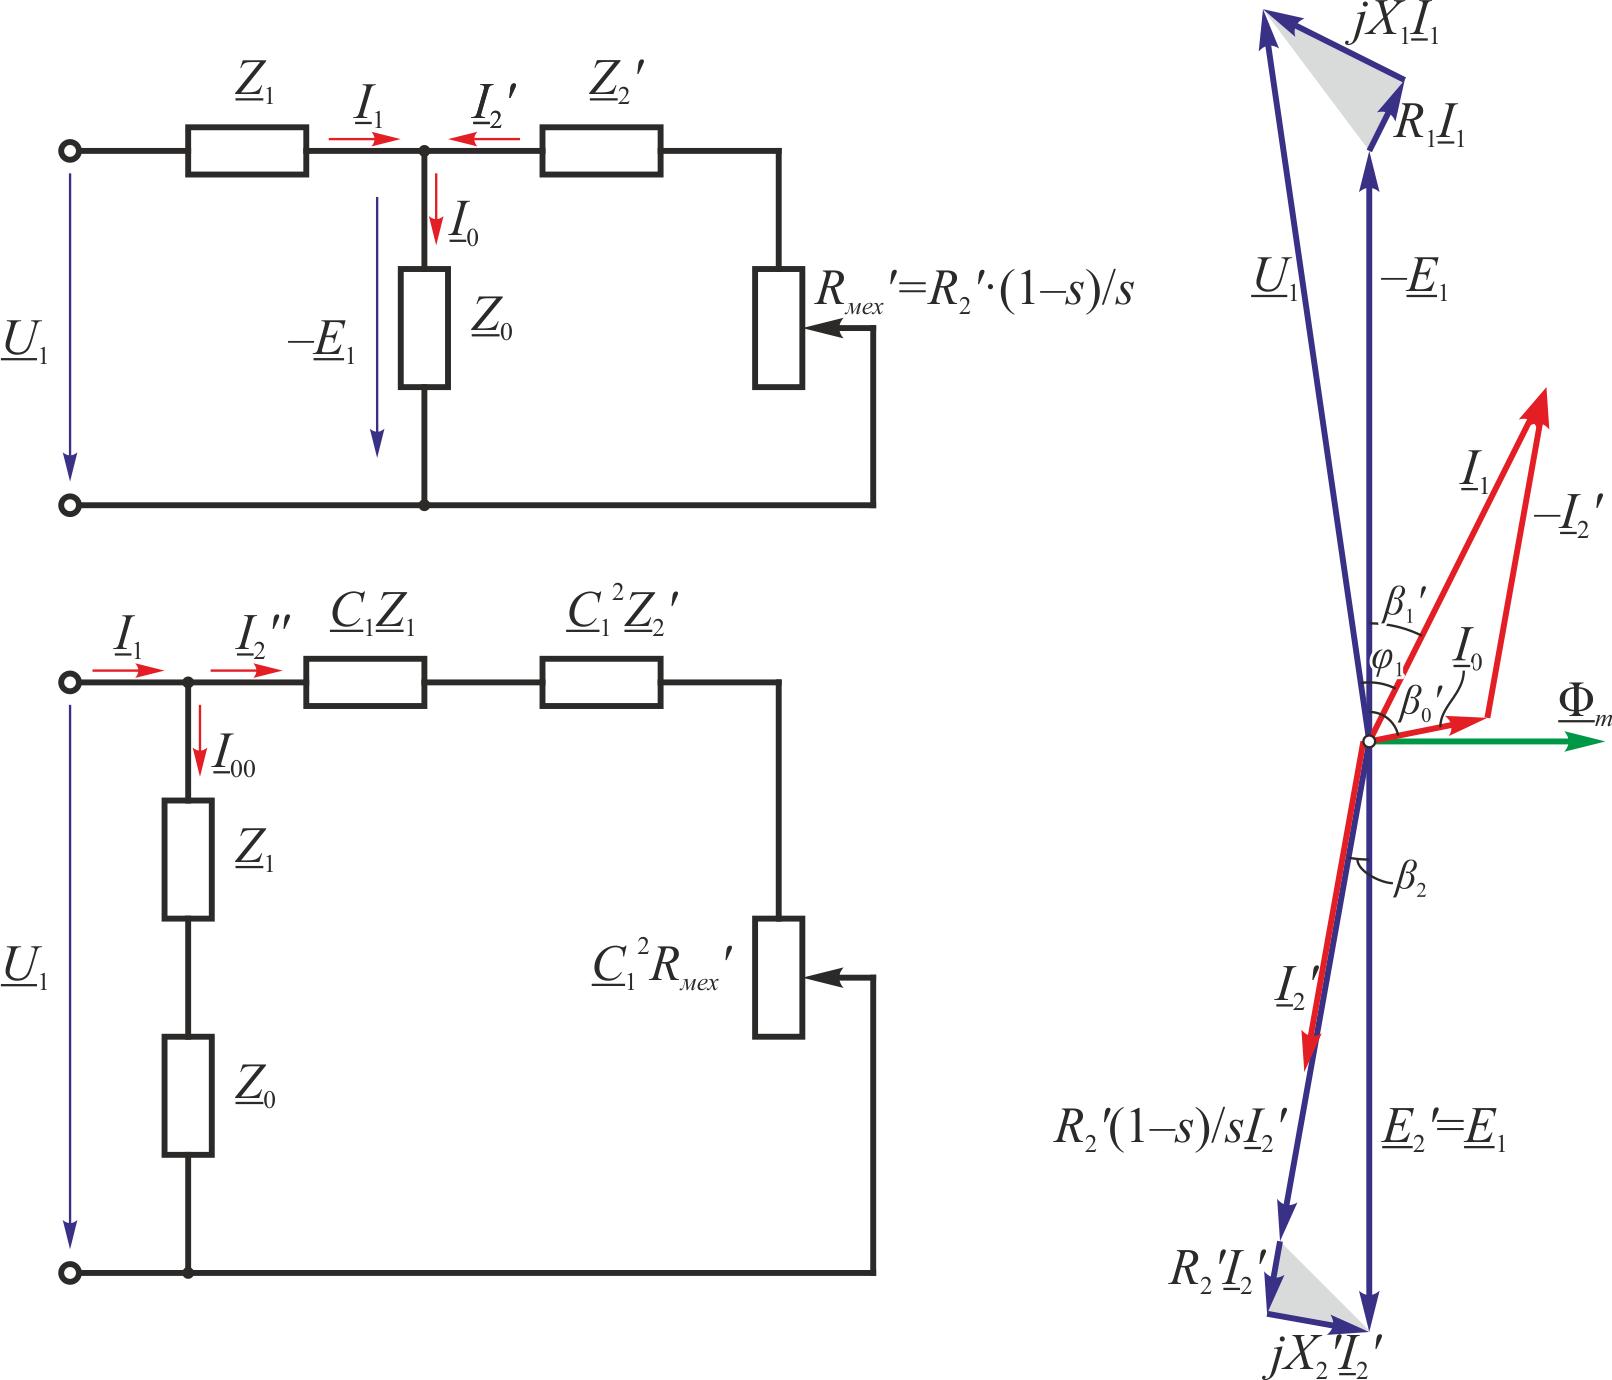 Т и г образные схемы замещения асинхронного двигателя